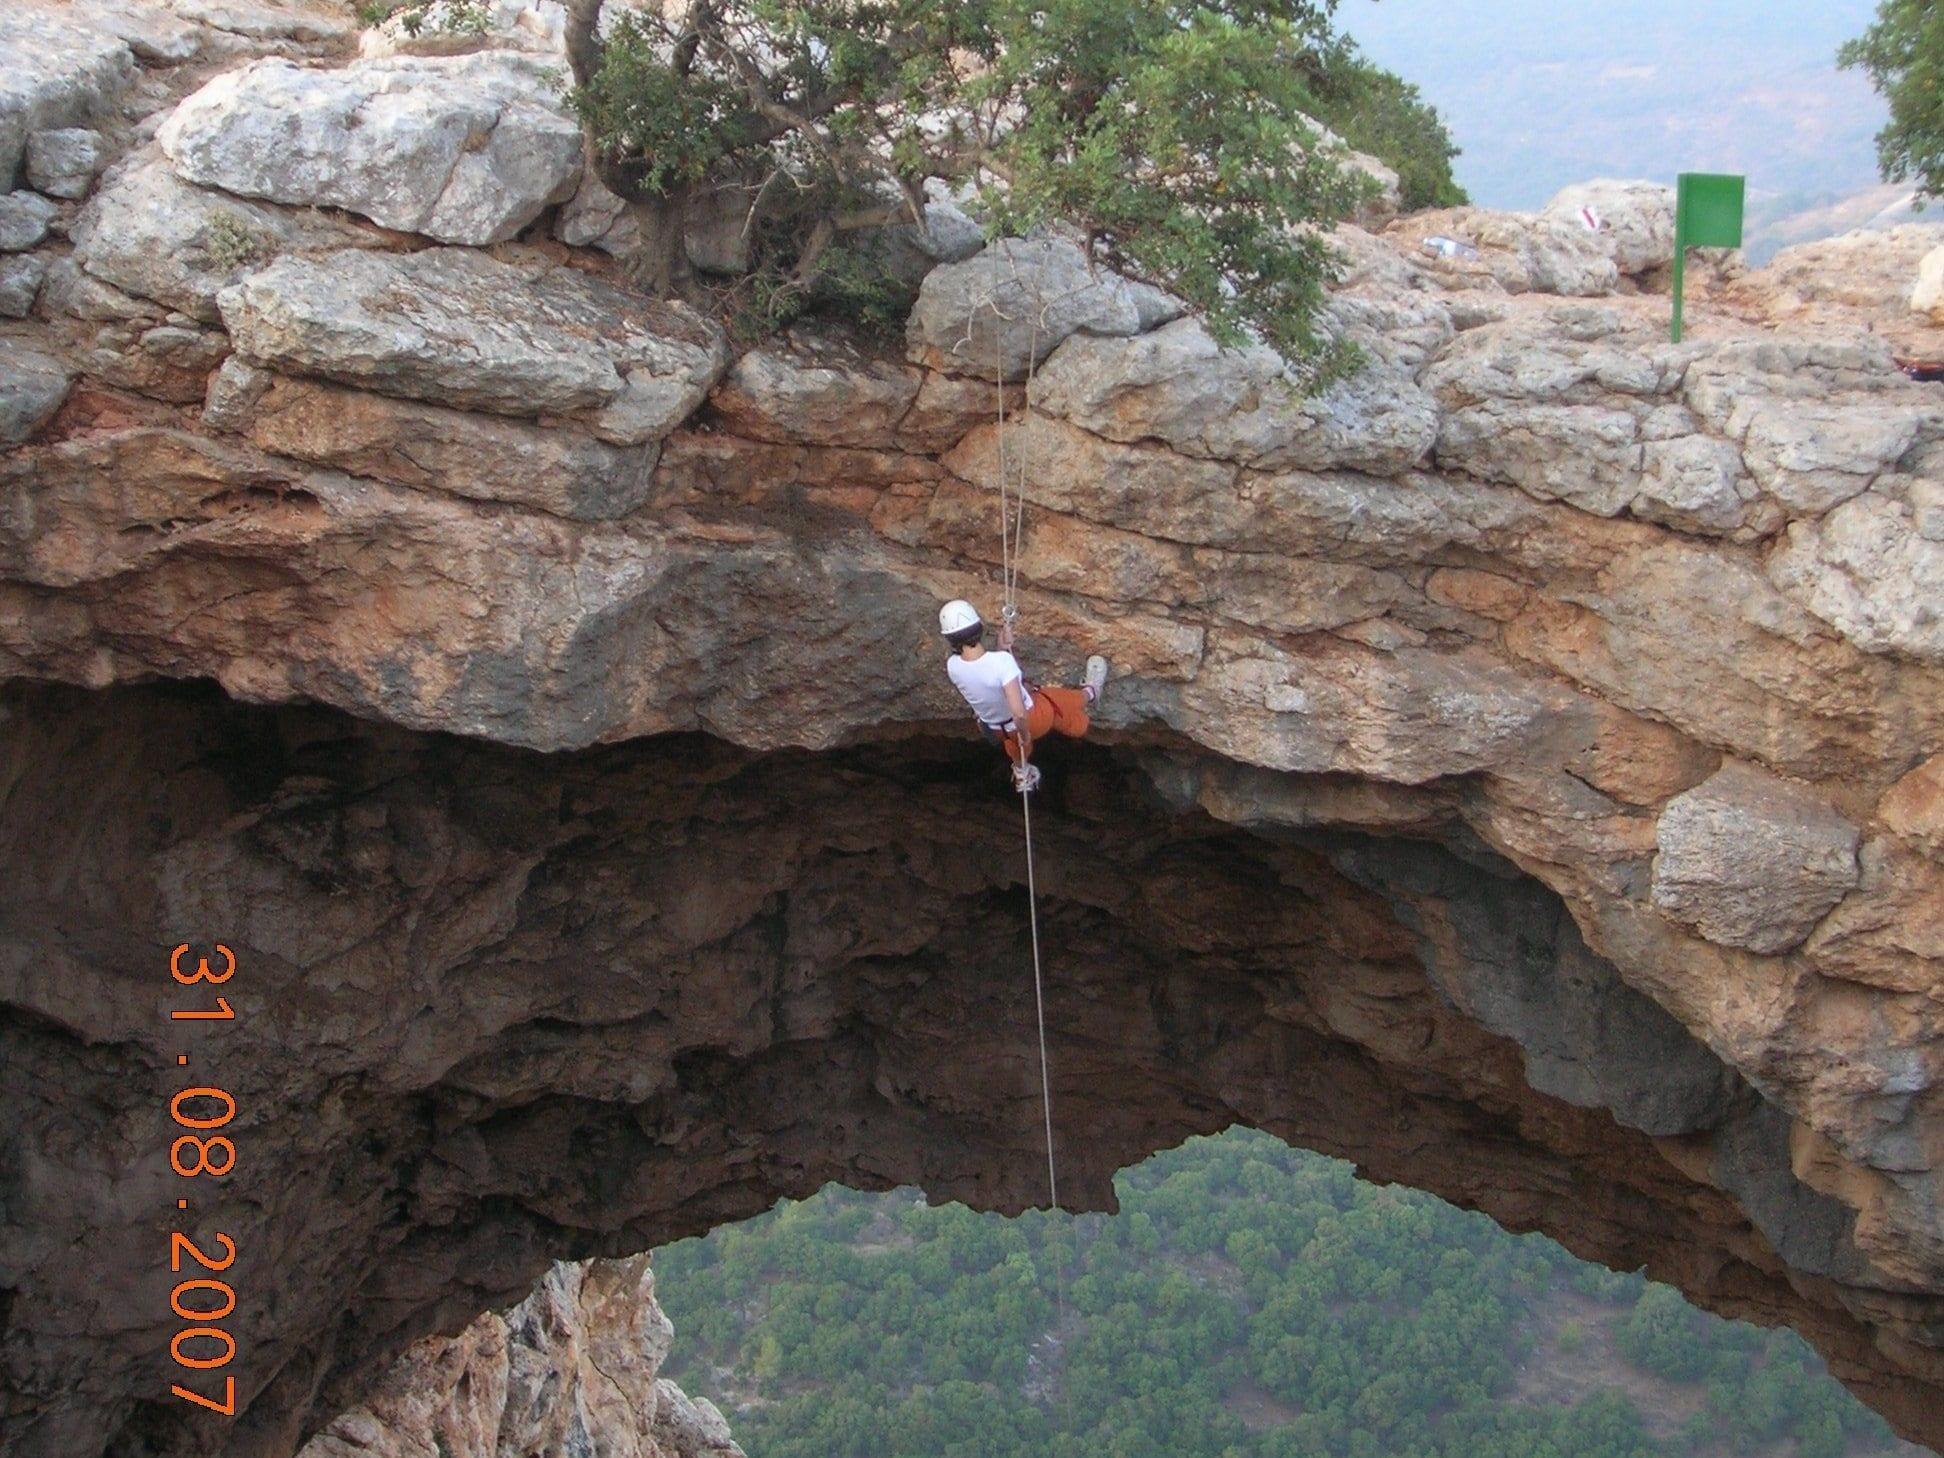 סנפלינג במערת קשת ערוצים בטבע